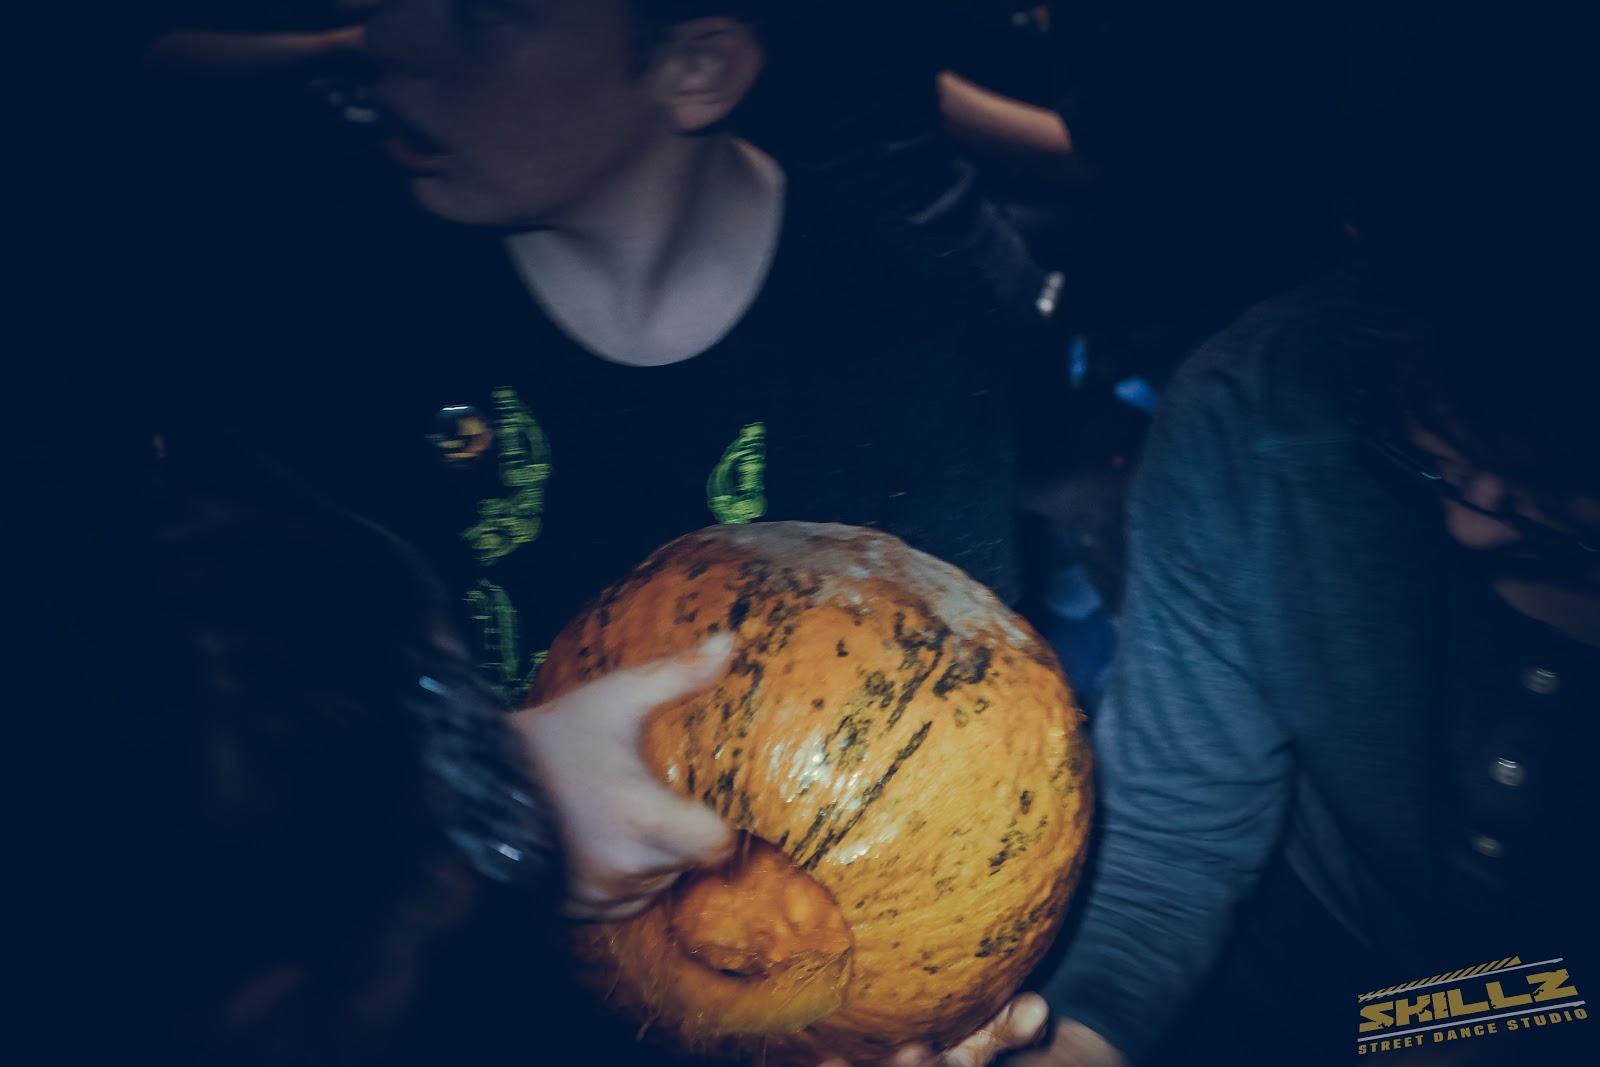 Naujikų krikštynos @SKILLZ (Halloween tema) - PANA2041.jpg